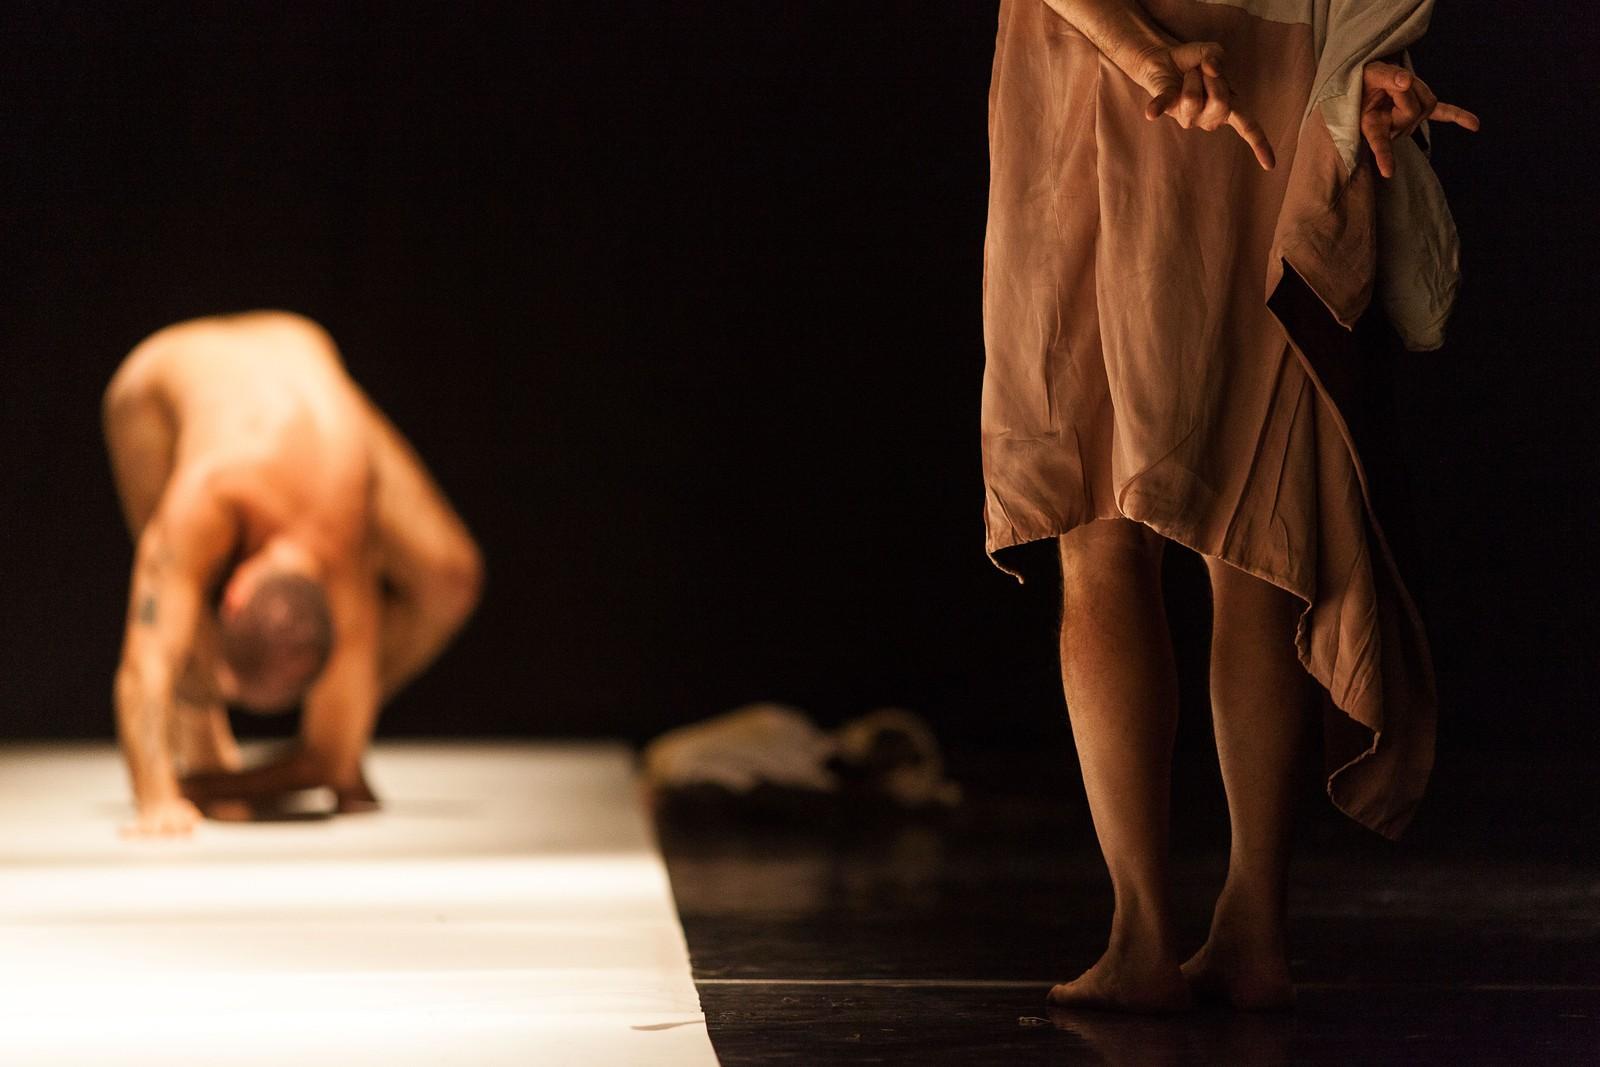 Dança Doente: um ritual contemporâneo de adoecimento, morte e transformação